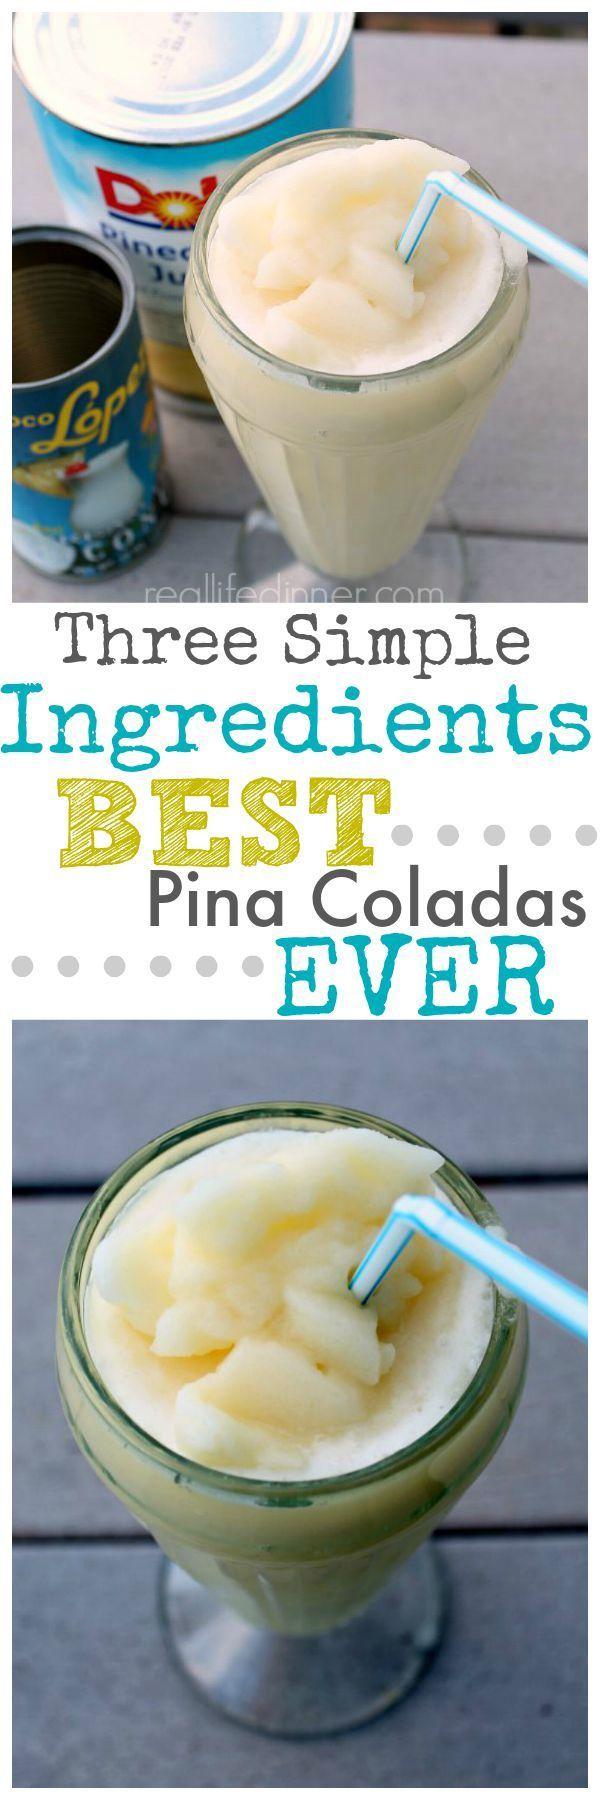 Pina Coladas (non-alcoholic